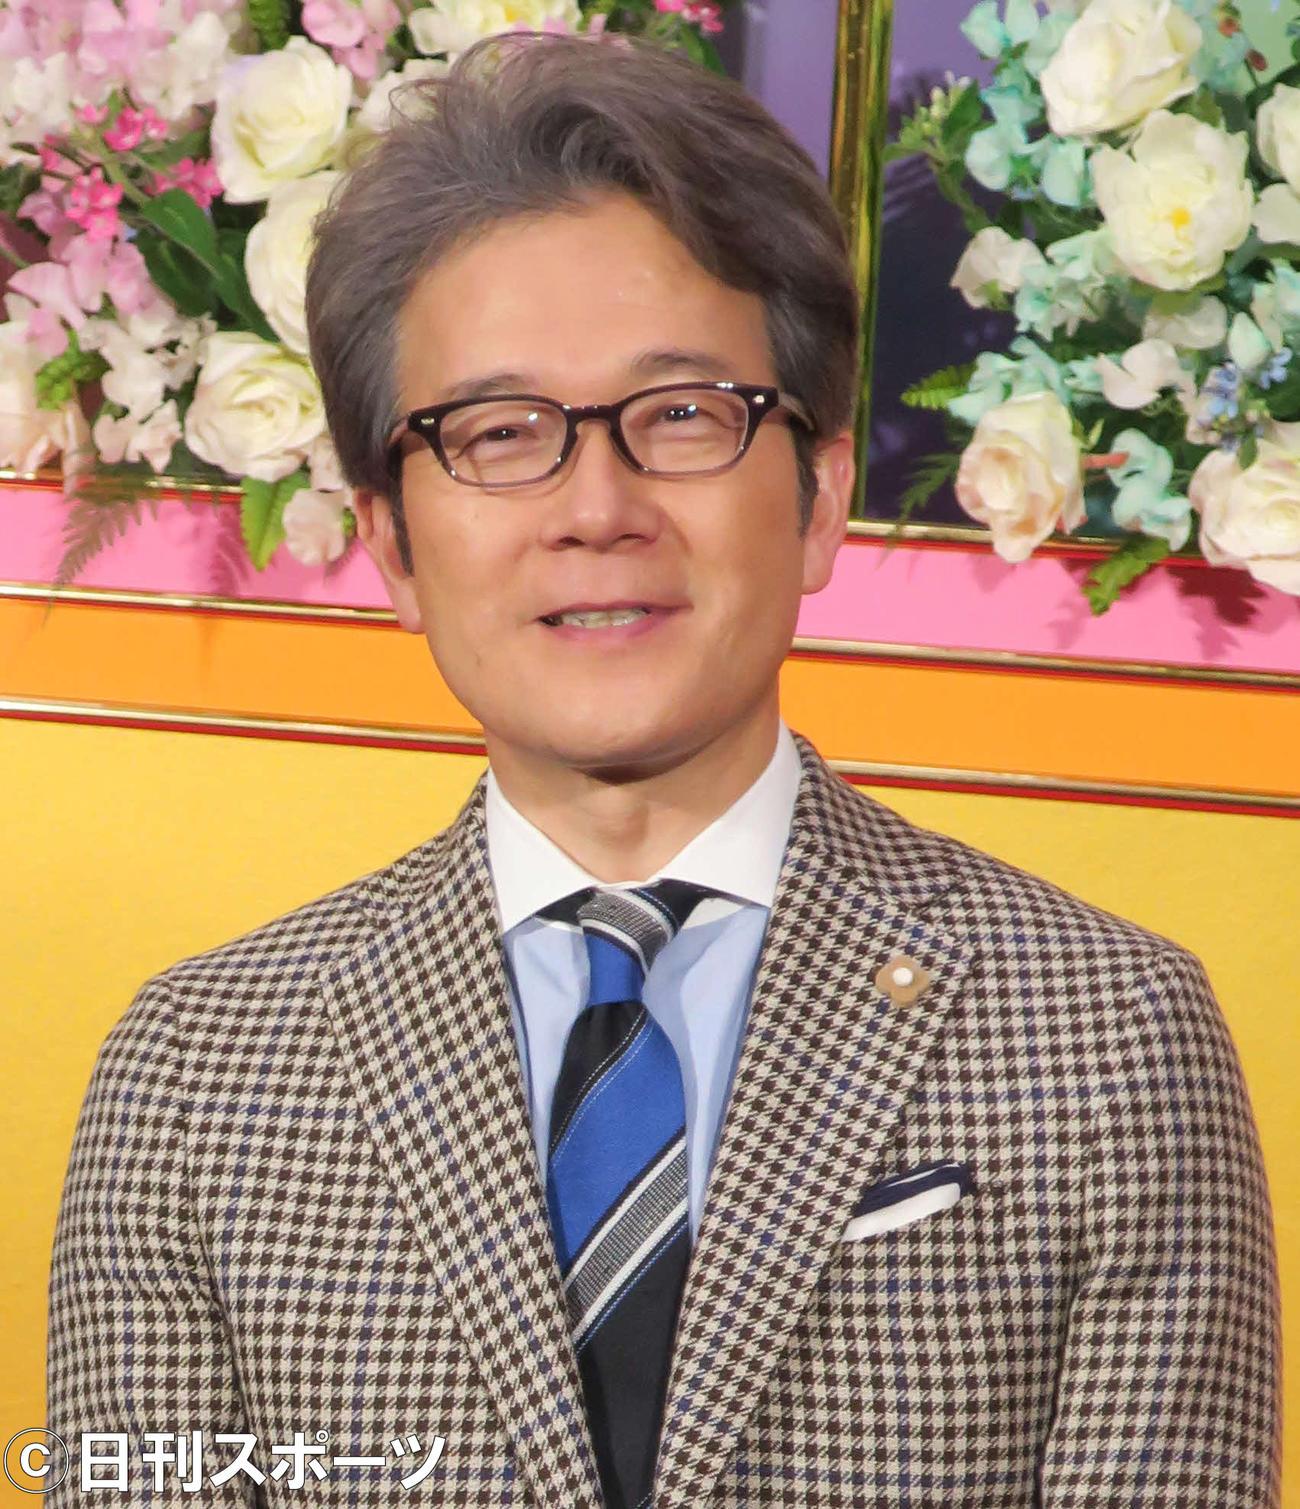 有馬嘉男キャスター(2月13日撮影)